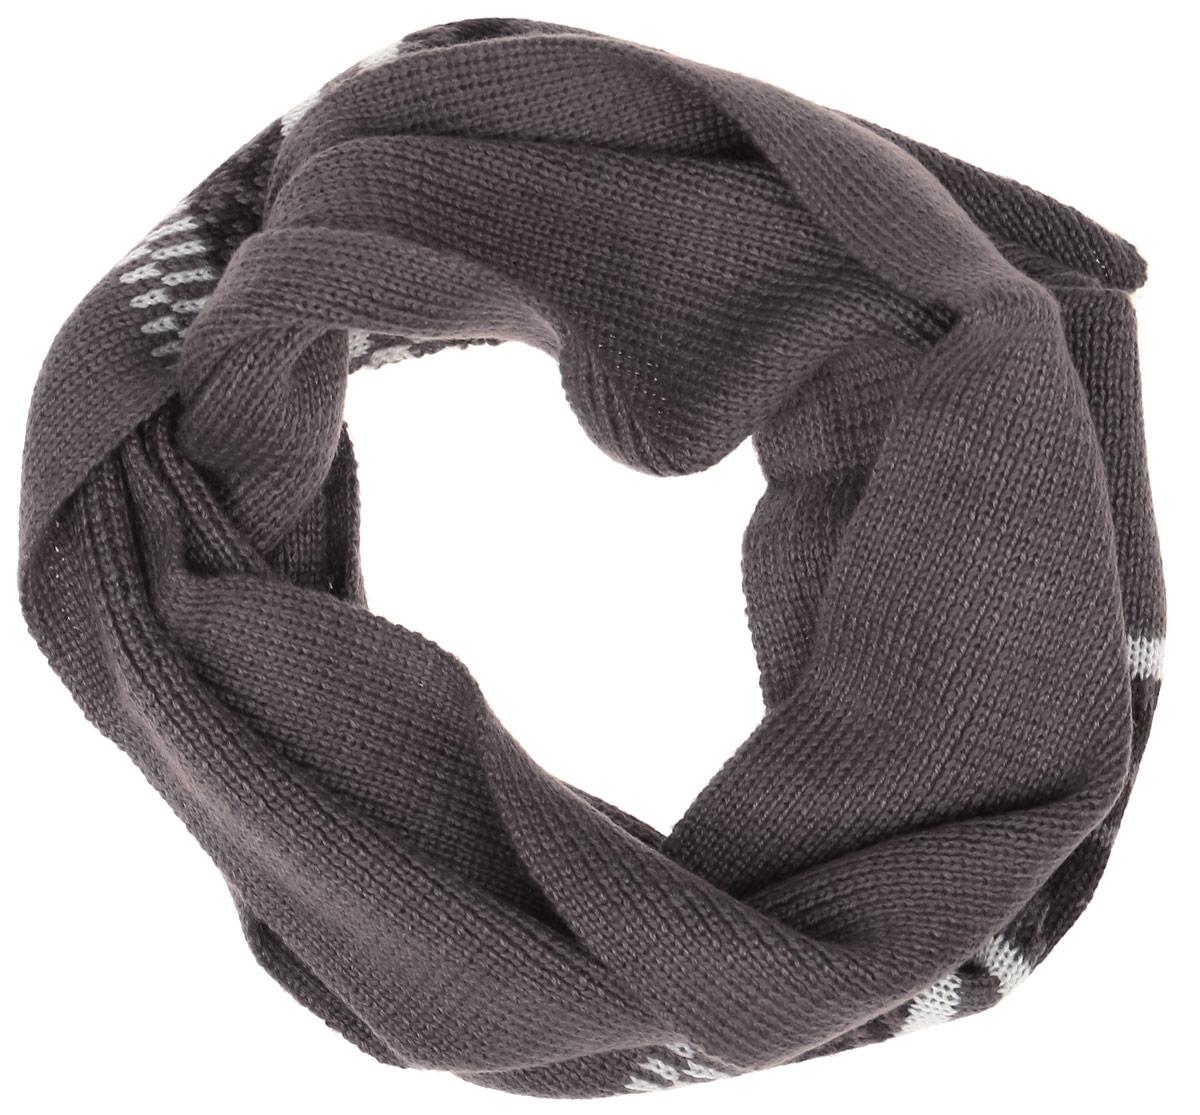 Шарф для мальчика Sela, цвет: коричневый. SC-842/054AG-6404. Размер 130 см х 15 смSC-842/054AG-6404Теплый трикотажный шарф для мальчика Sela защитит вашего ребенка от сильного ветра и холода. Выполненный из акрила с добавлением шерсти, он мягкий и приятный на ощупь. Модель оформлена полосками и узорами. Такой шарф станет стильным предметом детского гардероба. В нем ваш ребенок будет чувствовать себя тепло, уютно и комфортно.